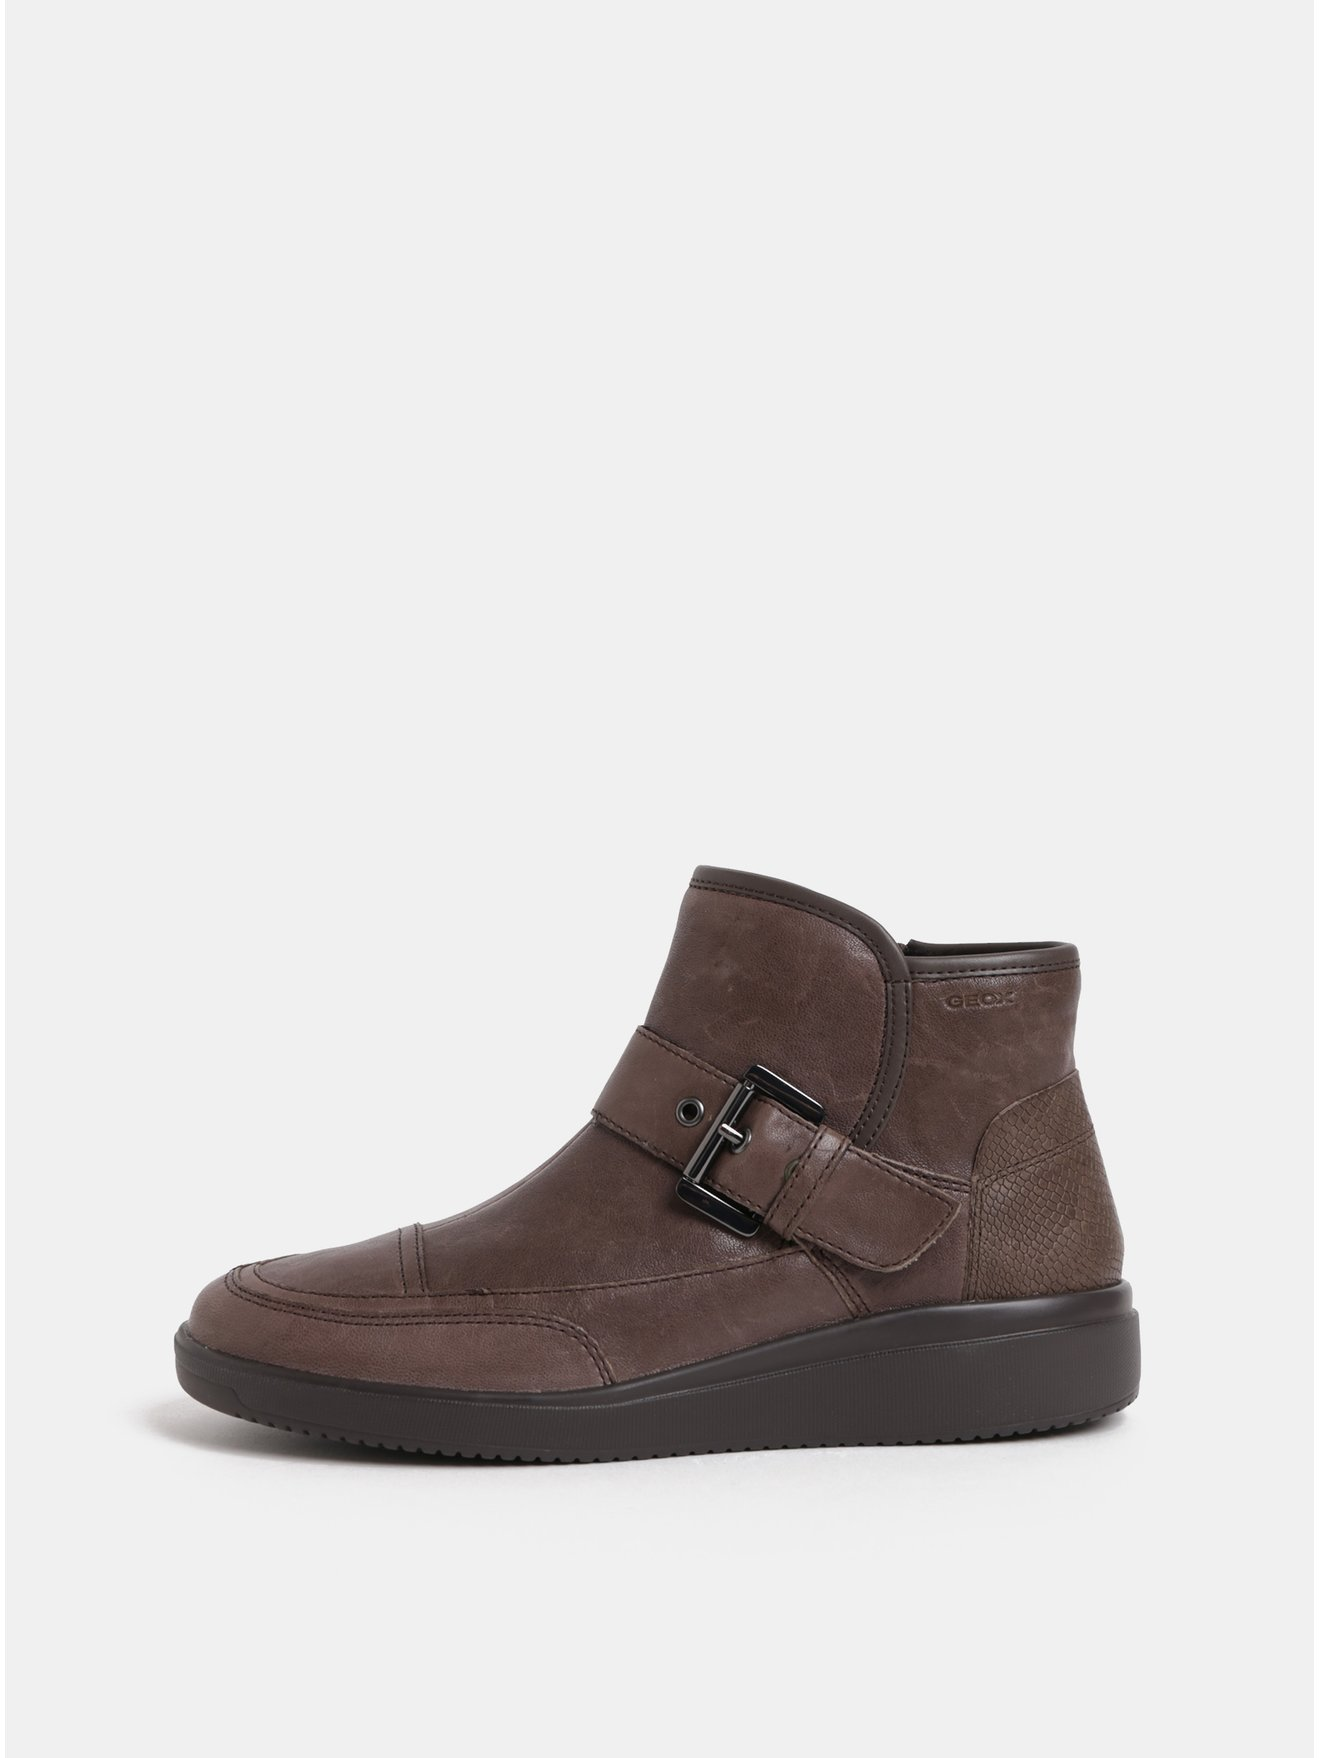 cf07cdf61c Hnedé dámske kožené členkové topánky s remienkom Geox Tahina